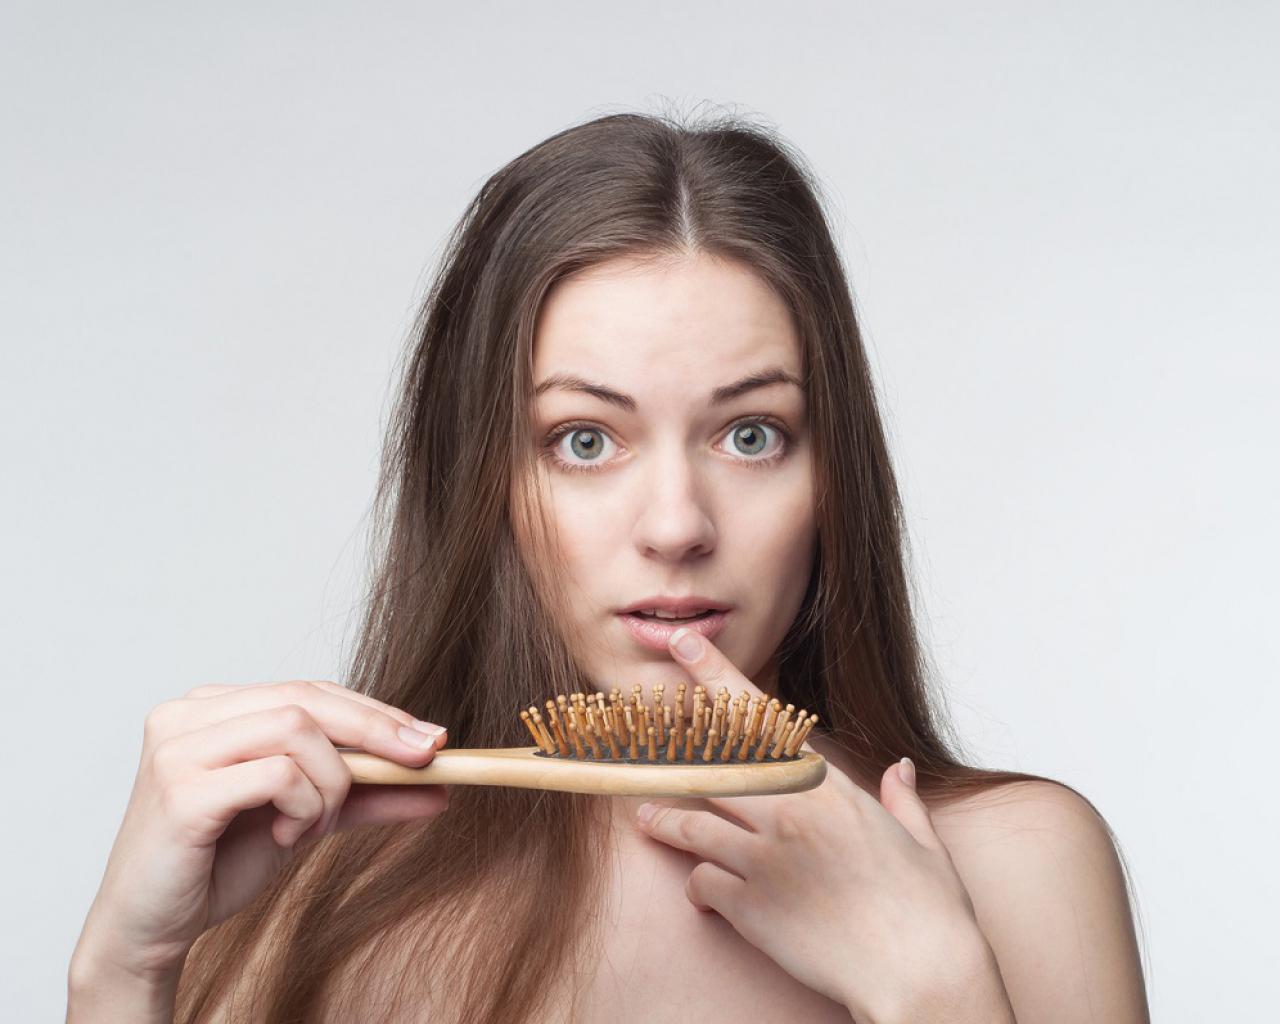 La alopecia en la mujer es una realidad